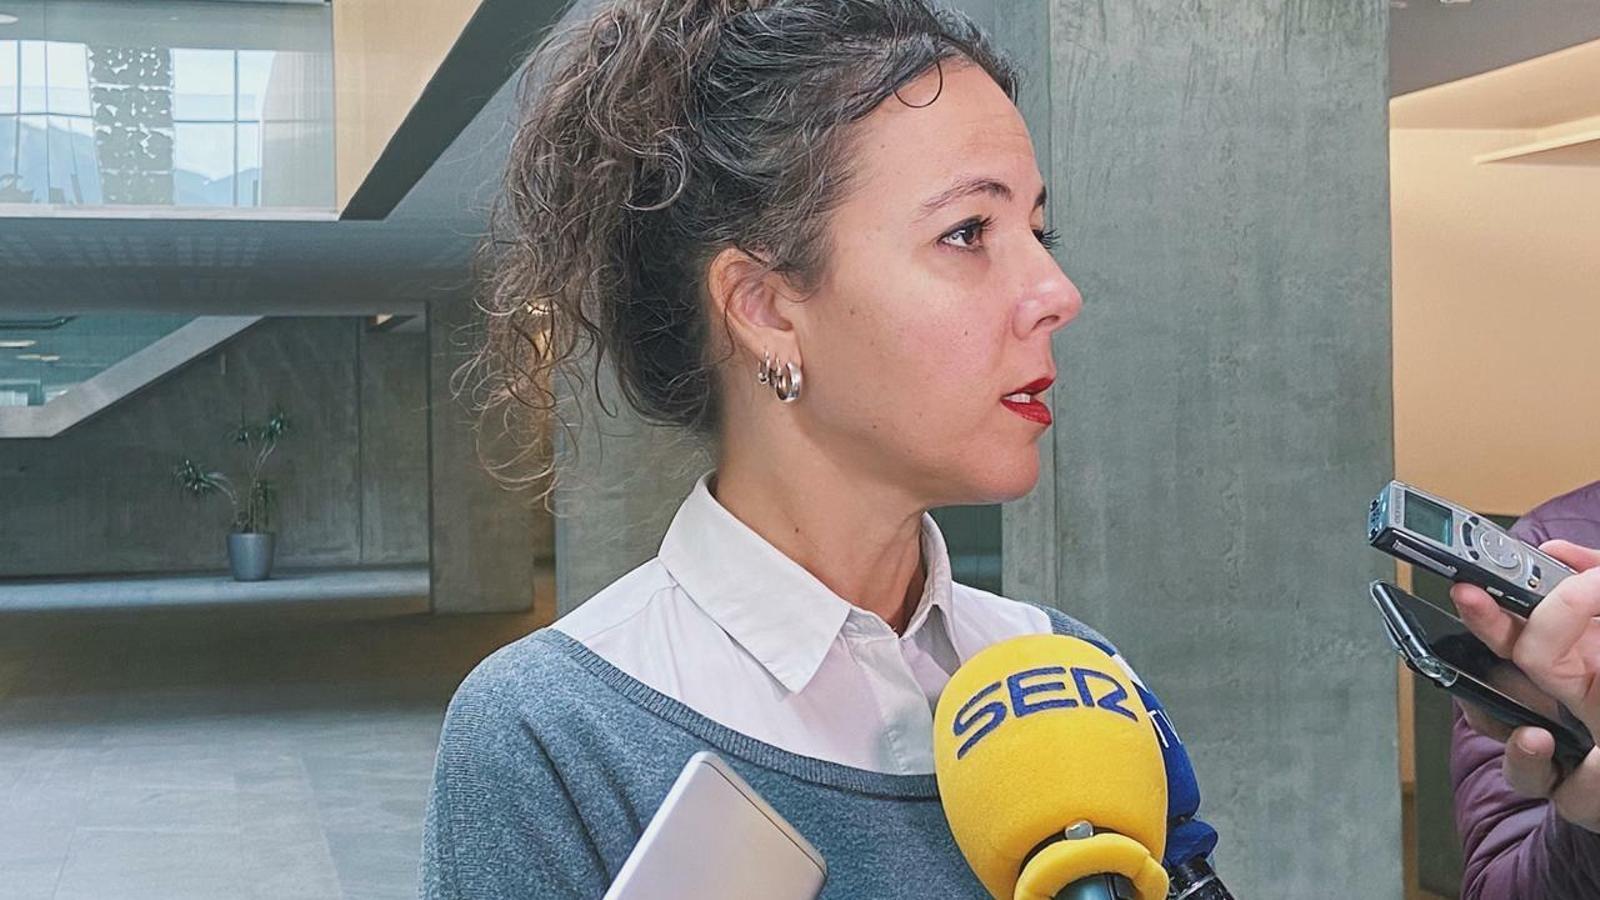 La consellera general socialdemòcrata, Judith Salazar, responent les preguntes de la premsa. / PS